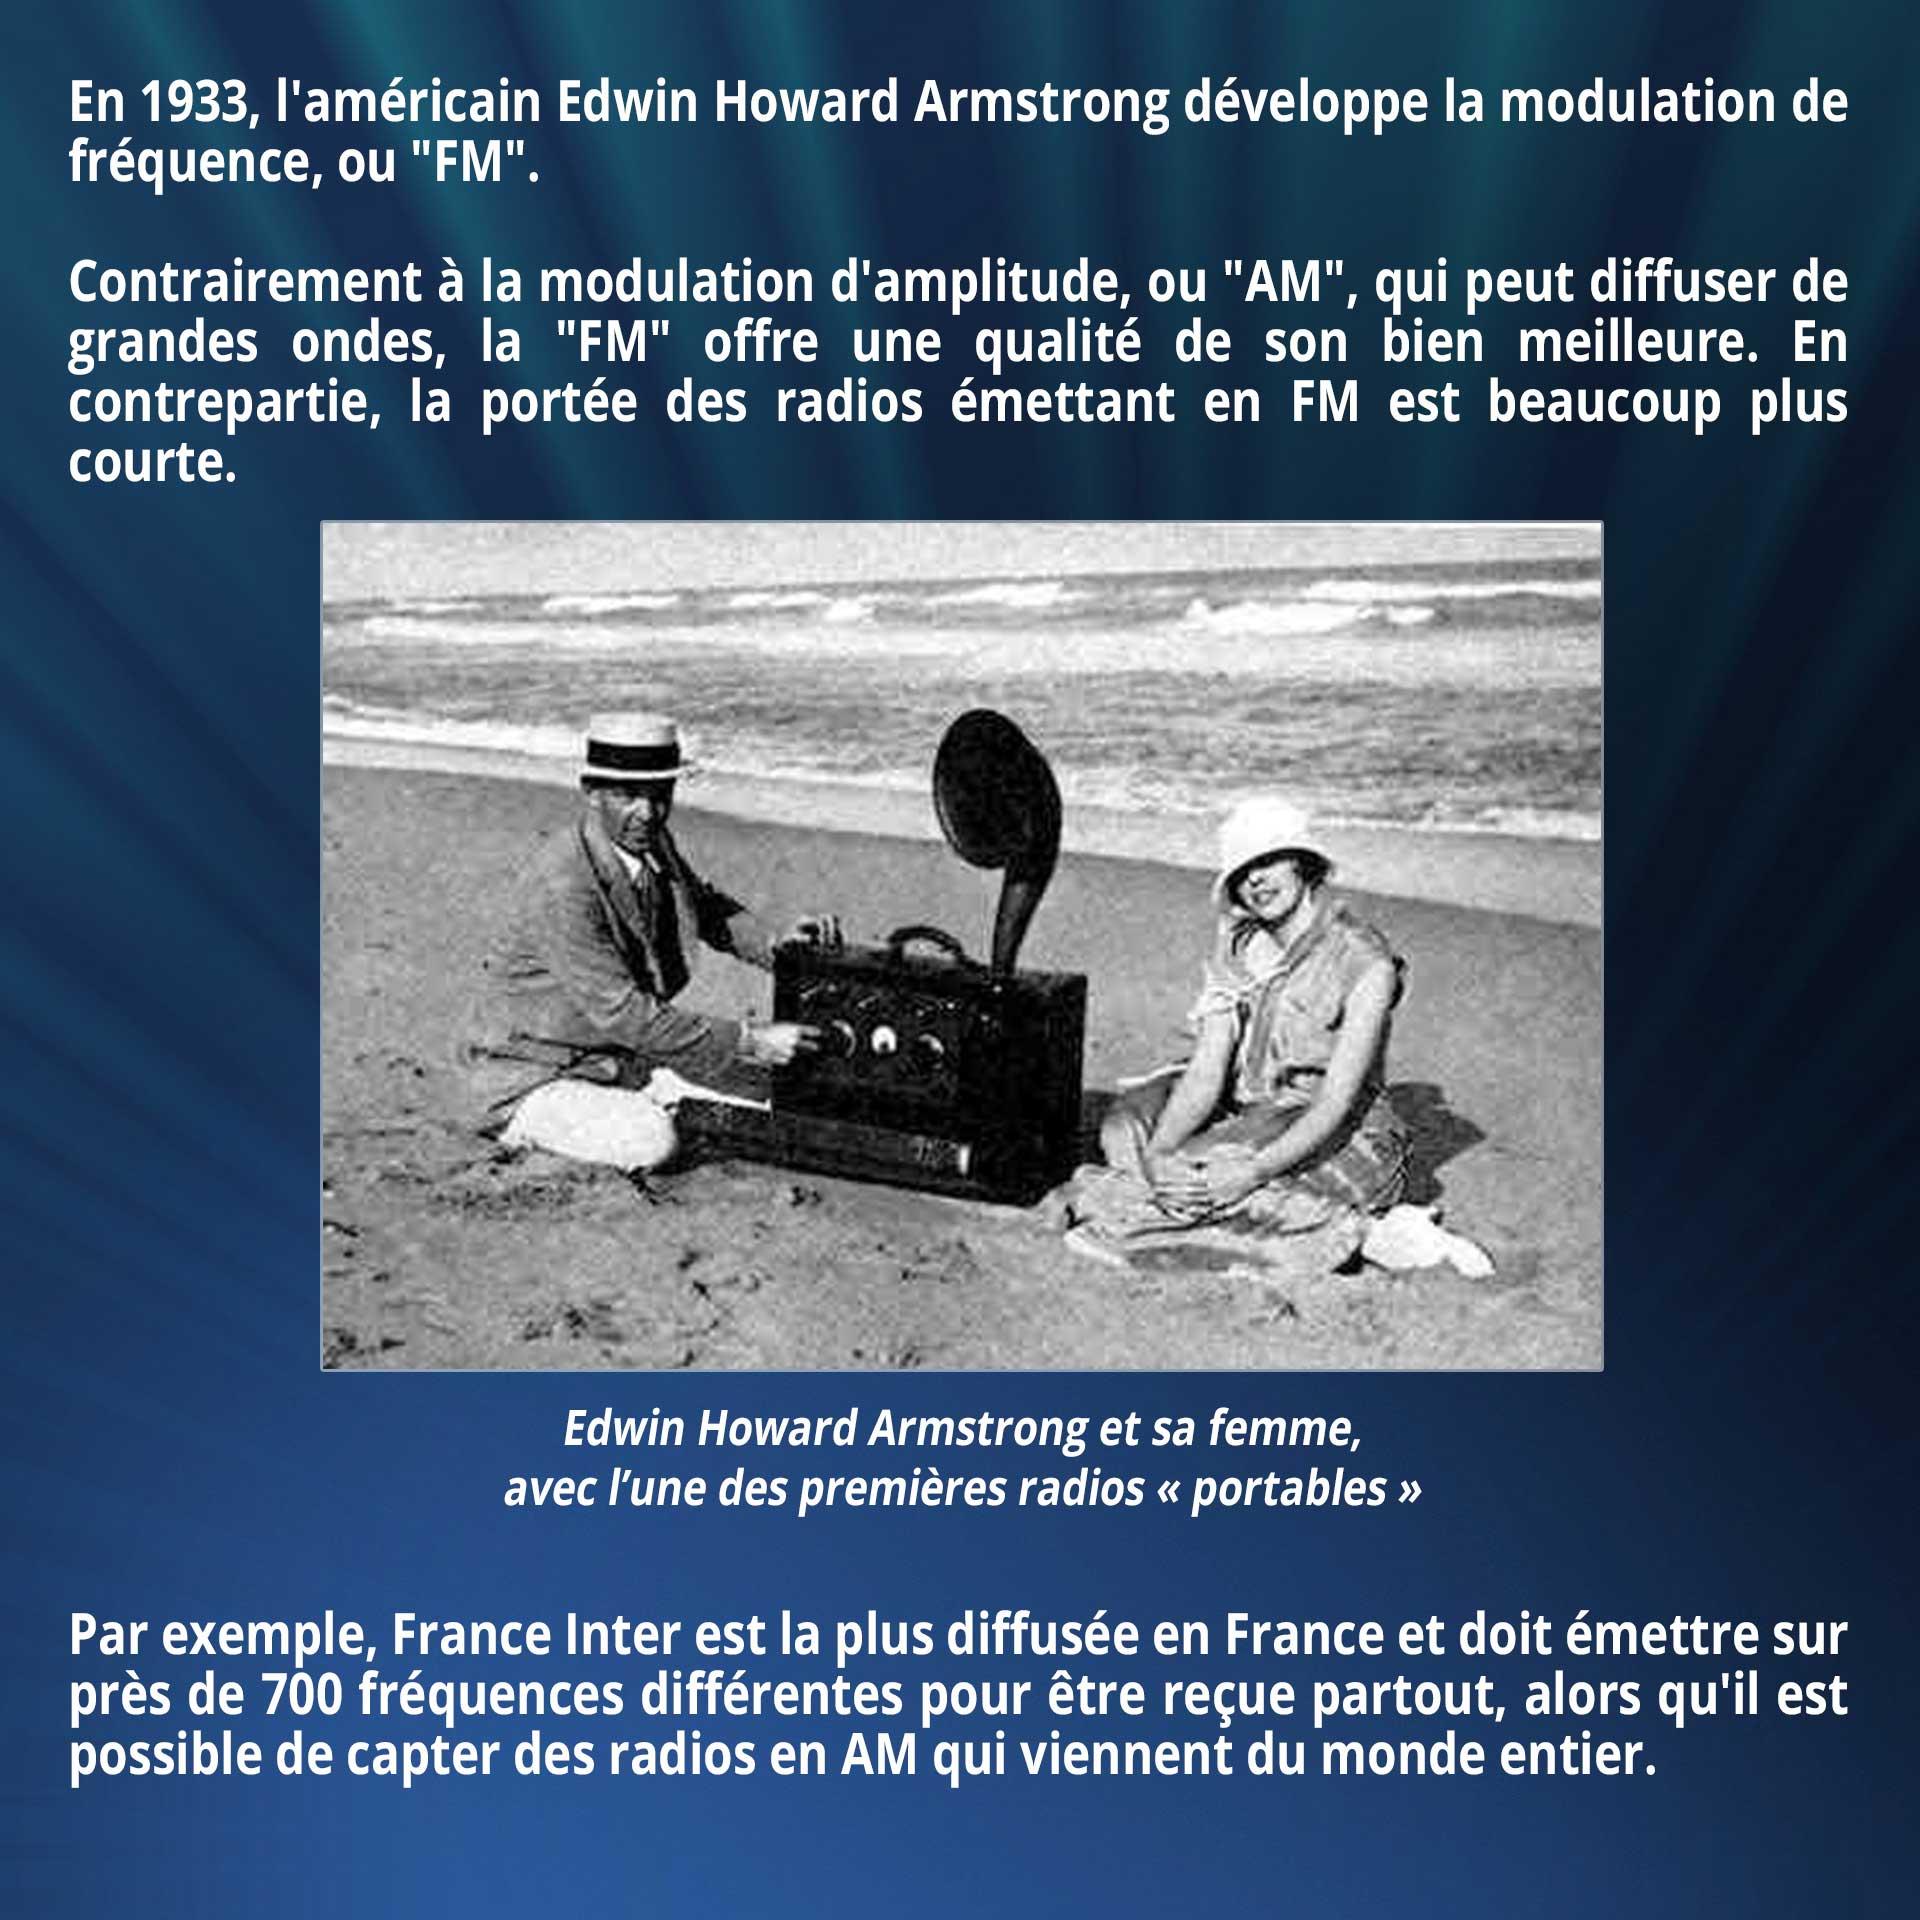 En 1933, l'américain Edwin Howard Armstrong développe la modulation de fréquence, ou